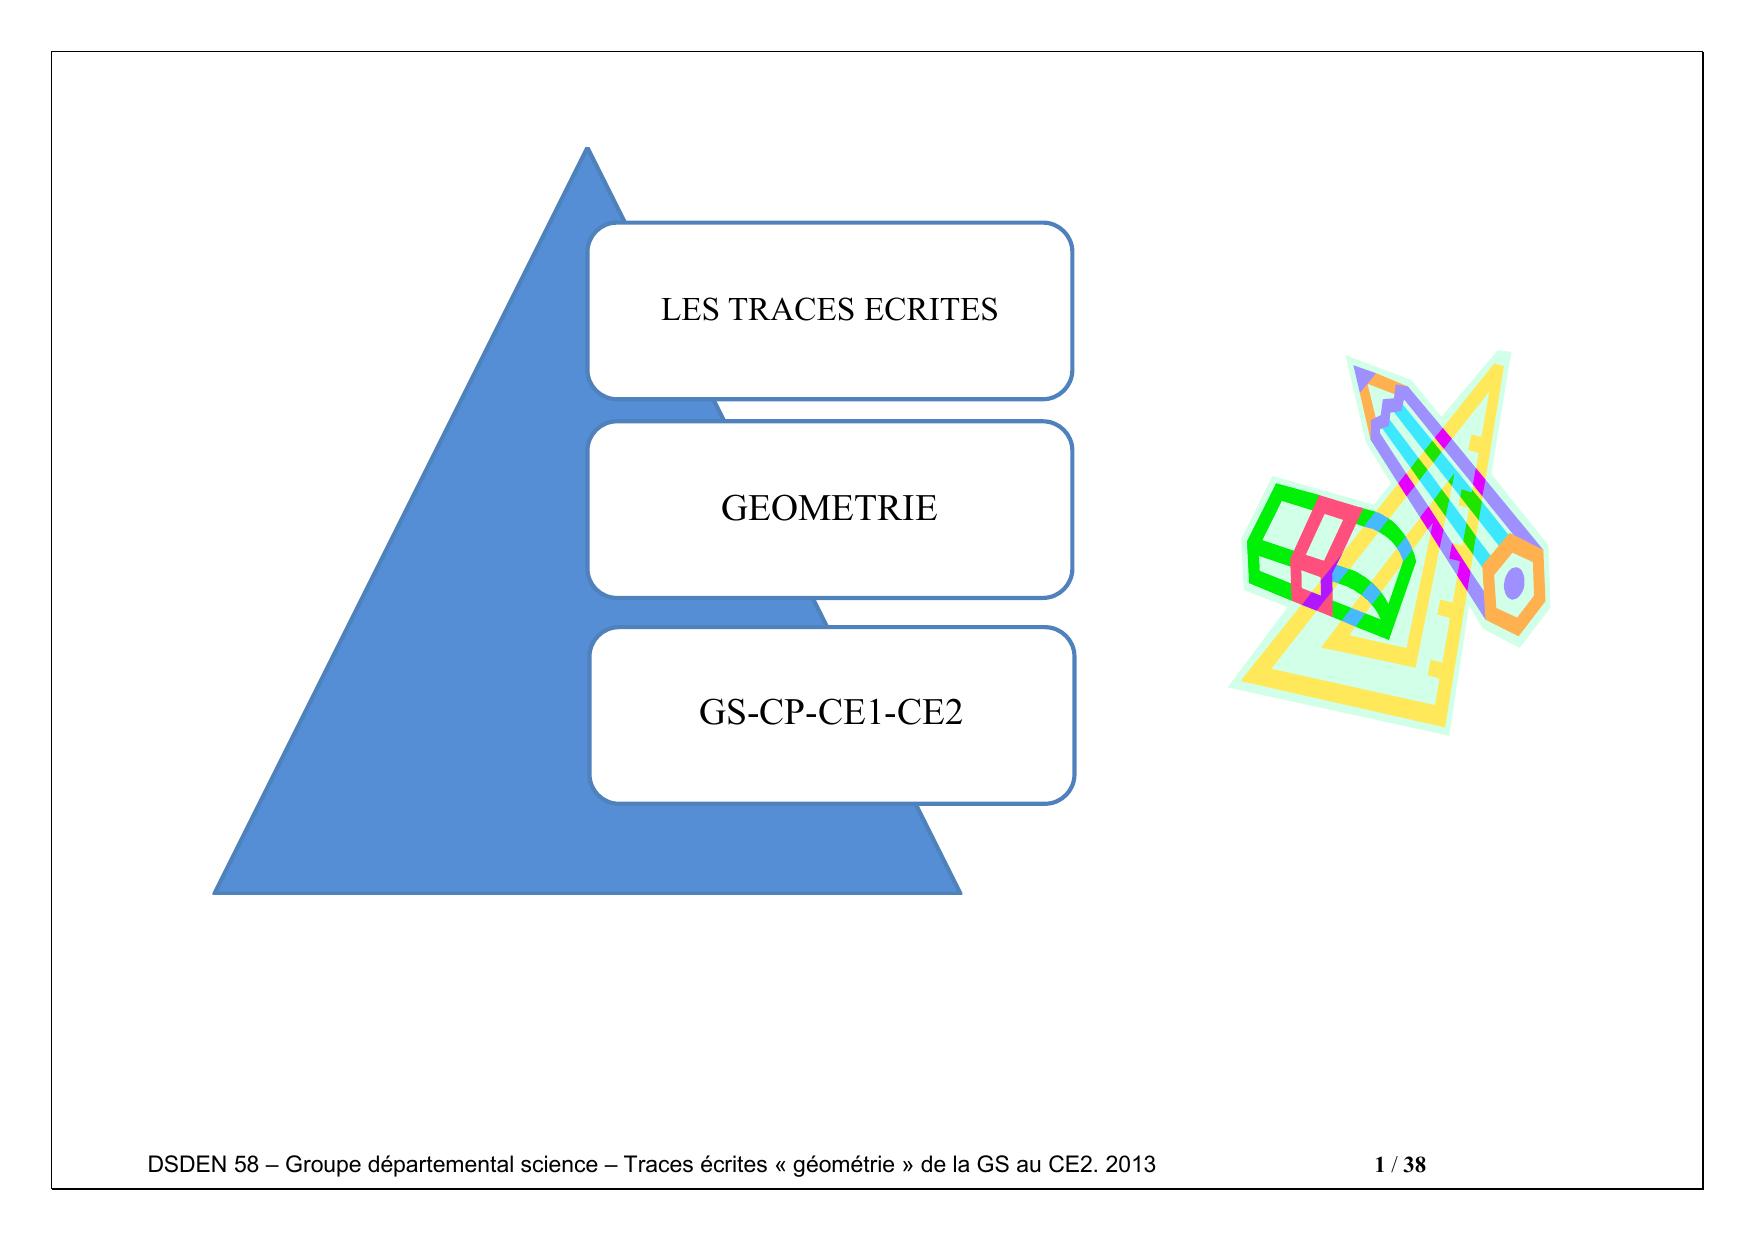 Geometrie Gs-Cp-Ce1-Ce2 - Bienvenue Sur Ariane 58 à Dessin Géométrique Ce2